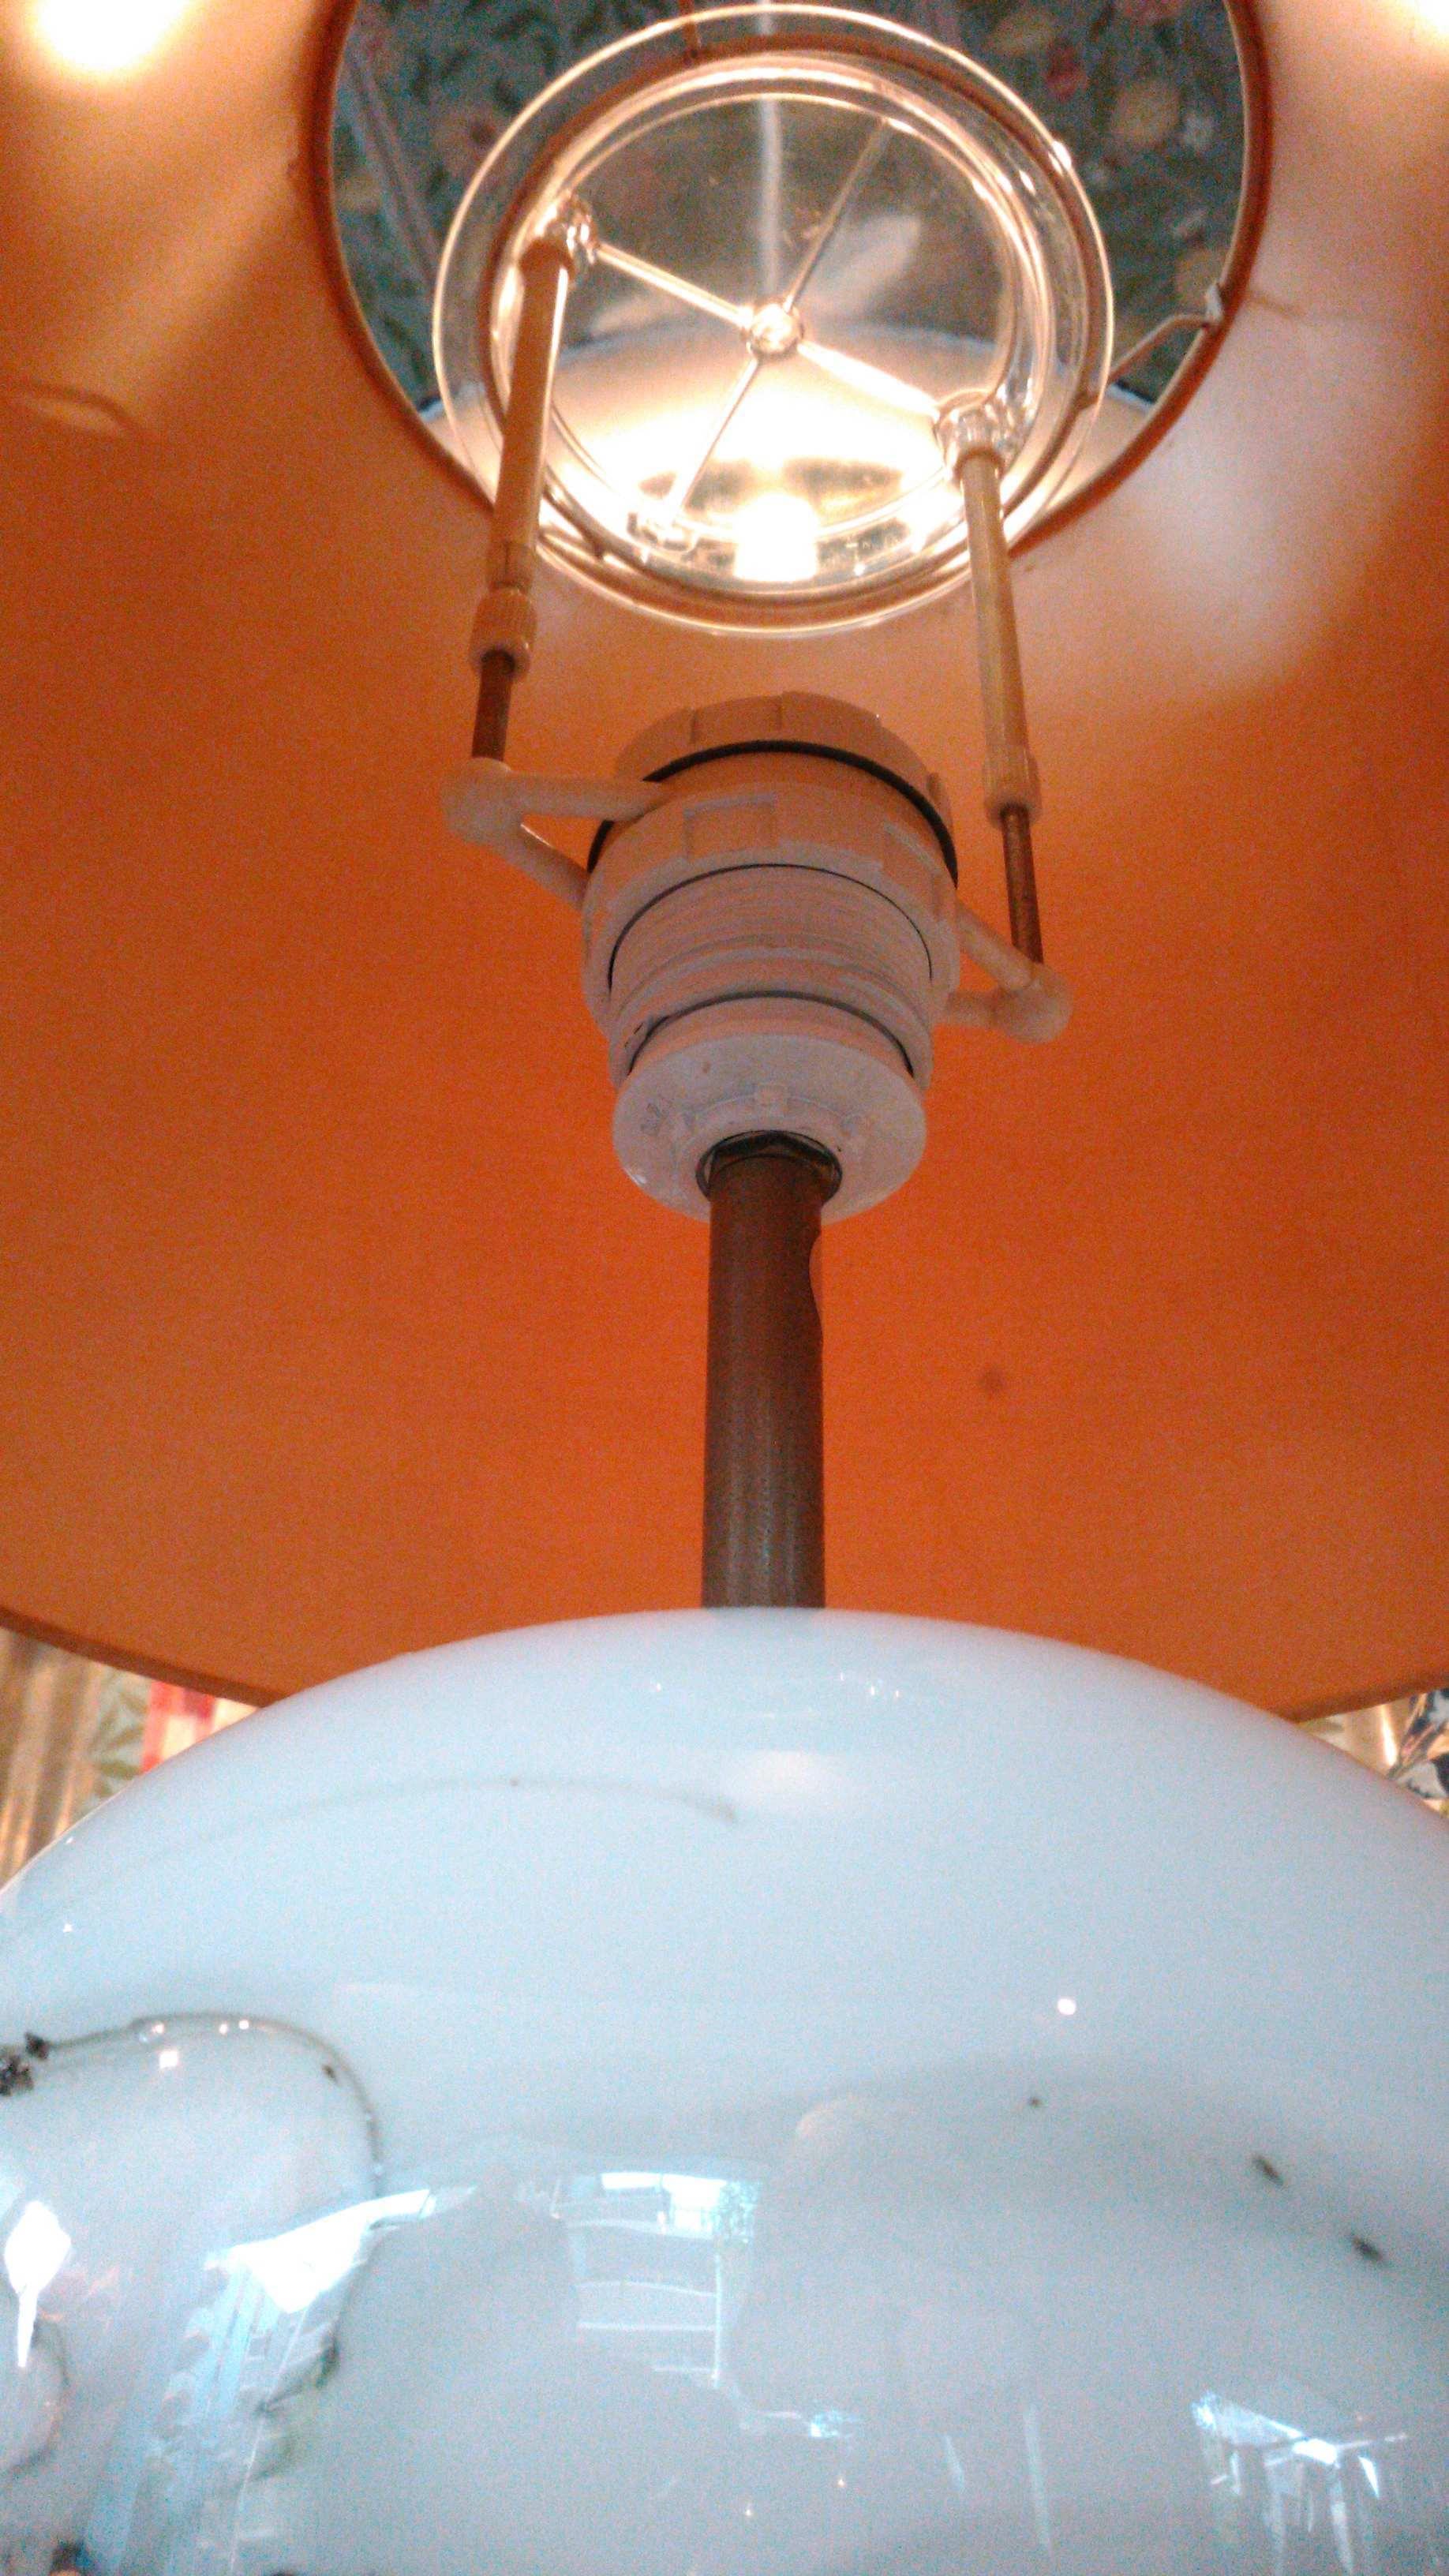 ランプシェード 張替 モリス正規販売店のブライト_c0157866_19425671.jpg